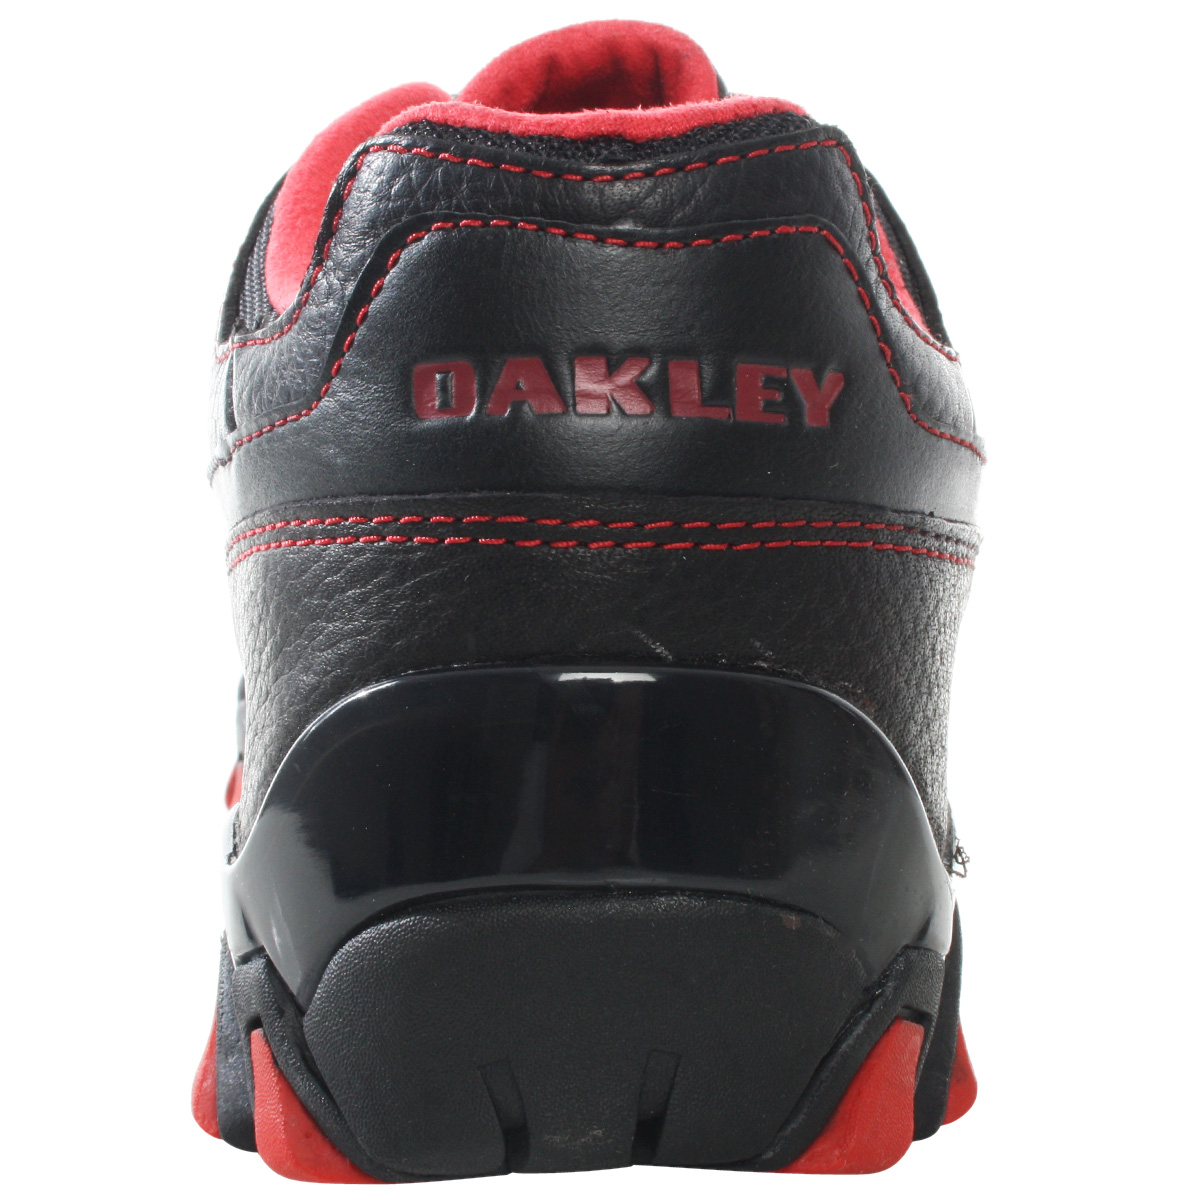 6a559c344dd7c Oakley Teeth 3.0 Preto Vermelho. Tenis Oakley Teeth 4 Branco E Vermelho Nº38  Ao 43 Original - R  ...